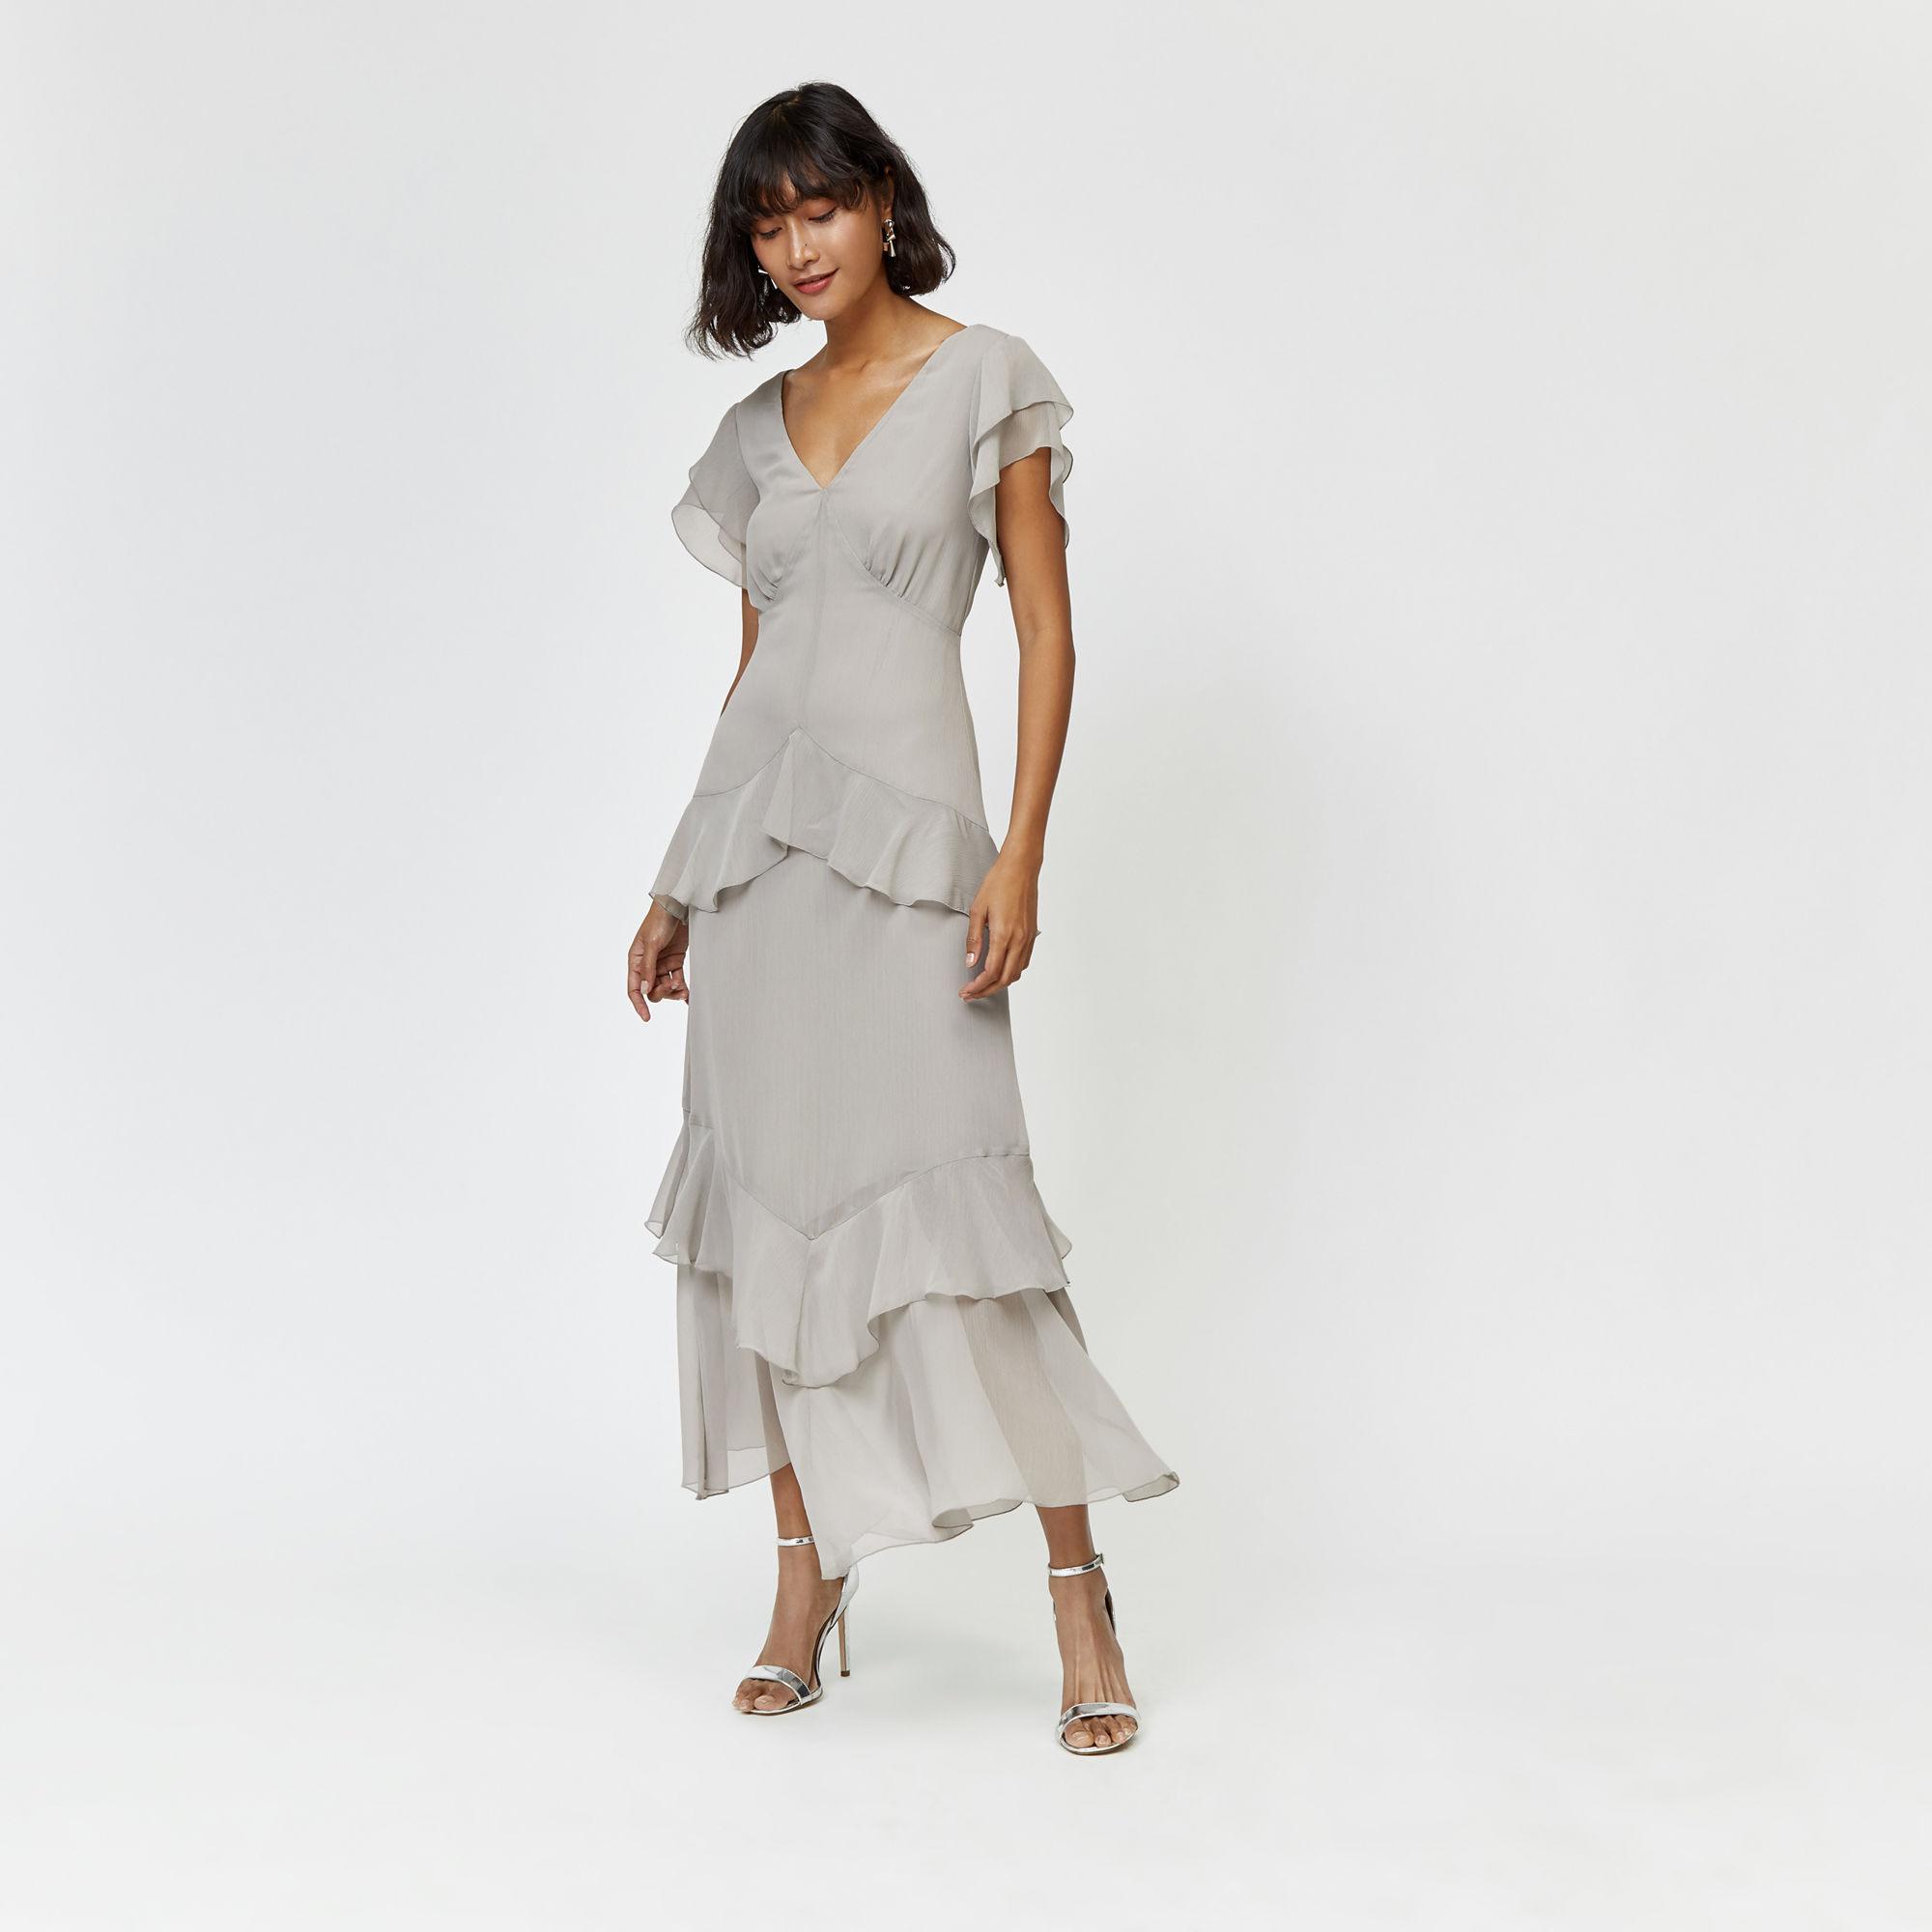 15 Luxus Maxi Winterkleider SpezialgebietDesigner Leicht Maxi Winterkleider Vertrieb